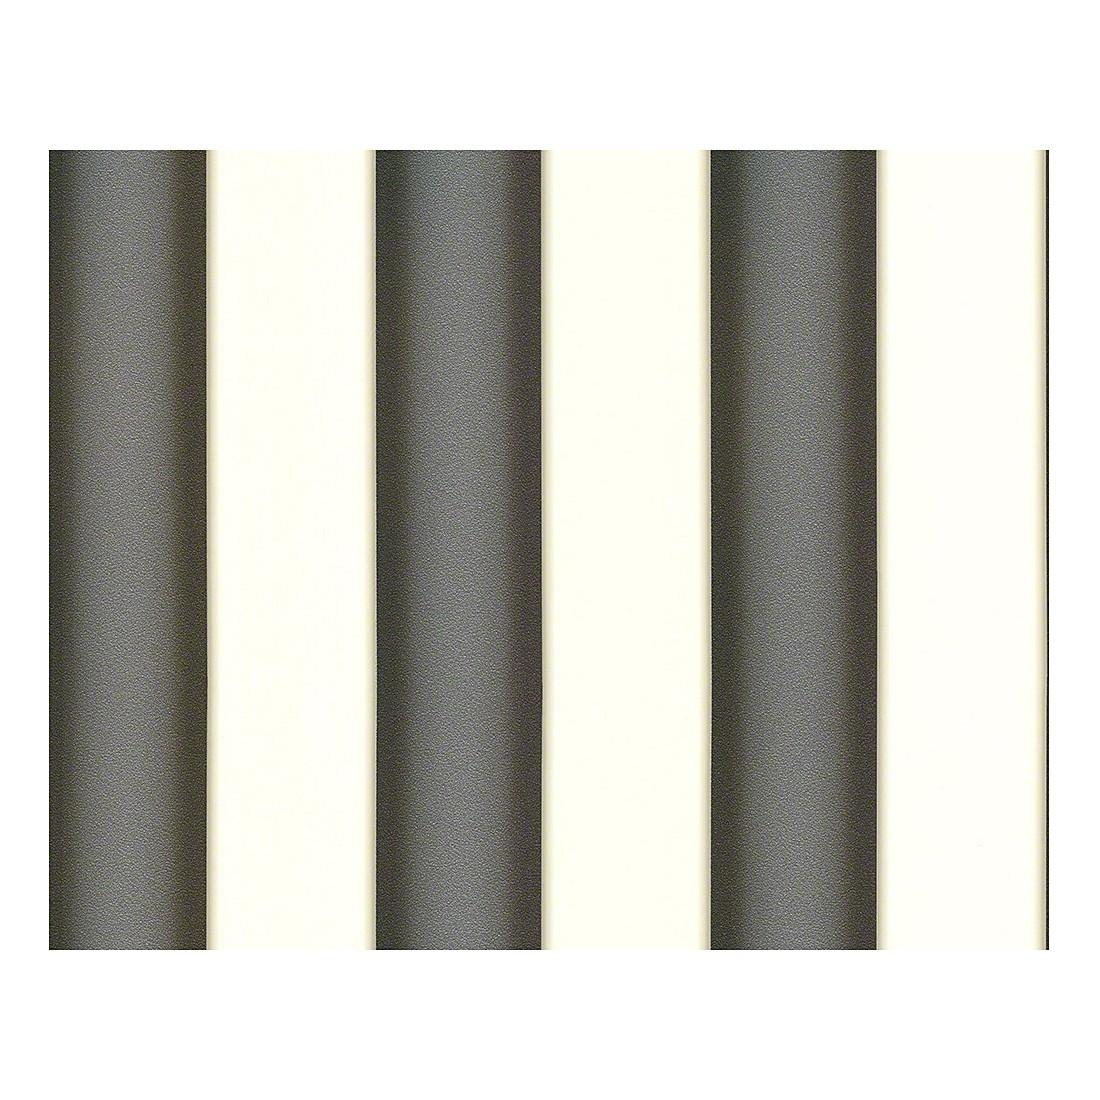 Tapete Herald – signalweiß – schwarz – quarzgrau – metallic – strukturiert – fein strukturiert – Modell 2, VERSACE Home kaufen